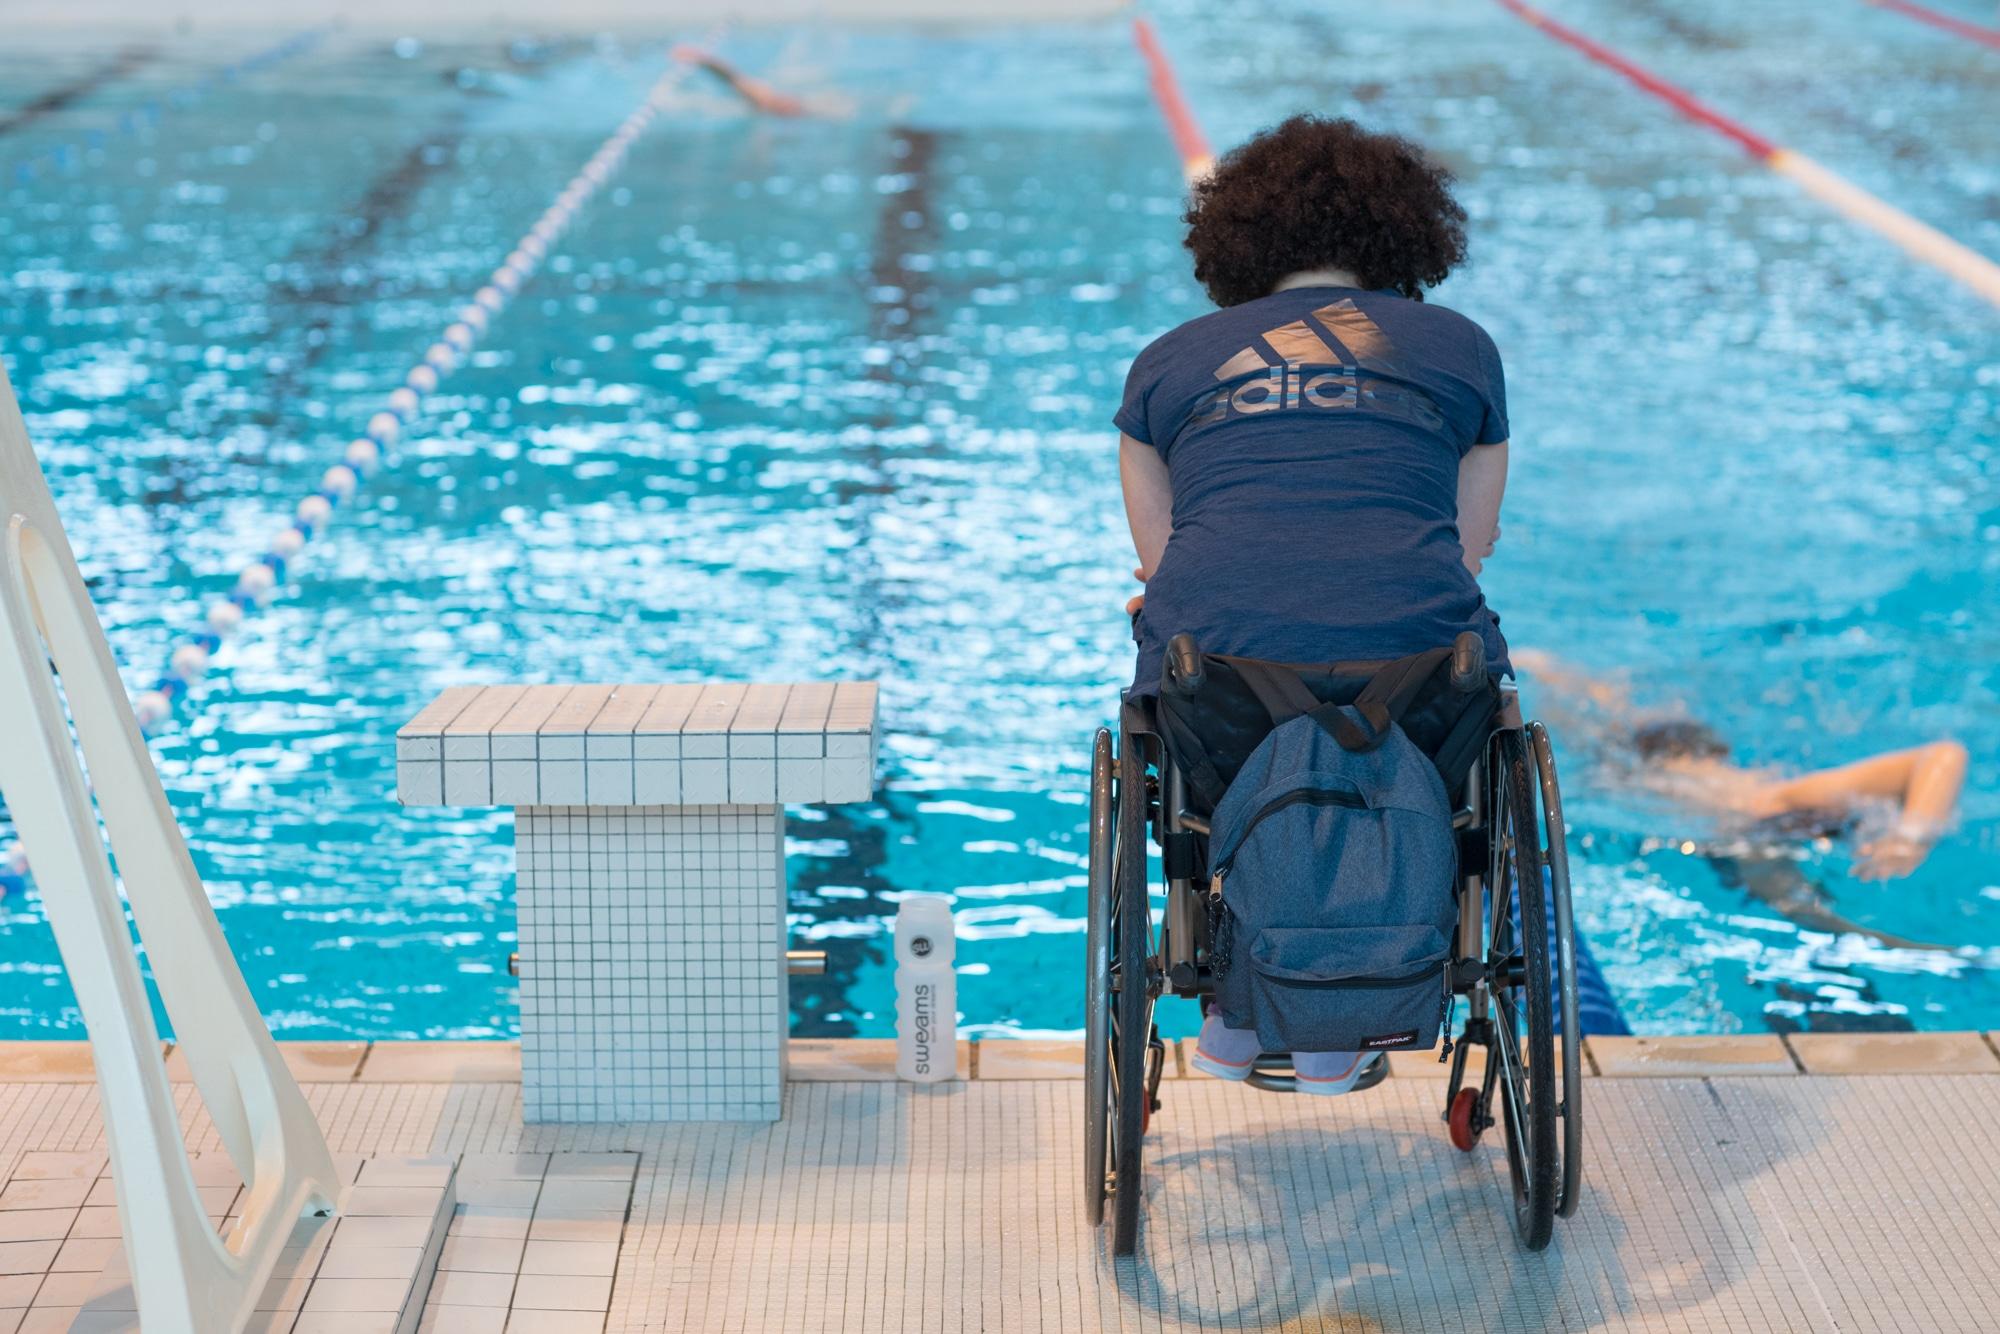 Hadda, de dos, bras croisés, observe son élève en train de nager.